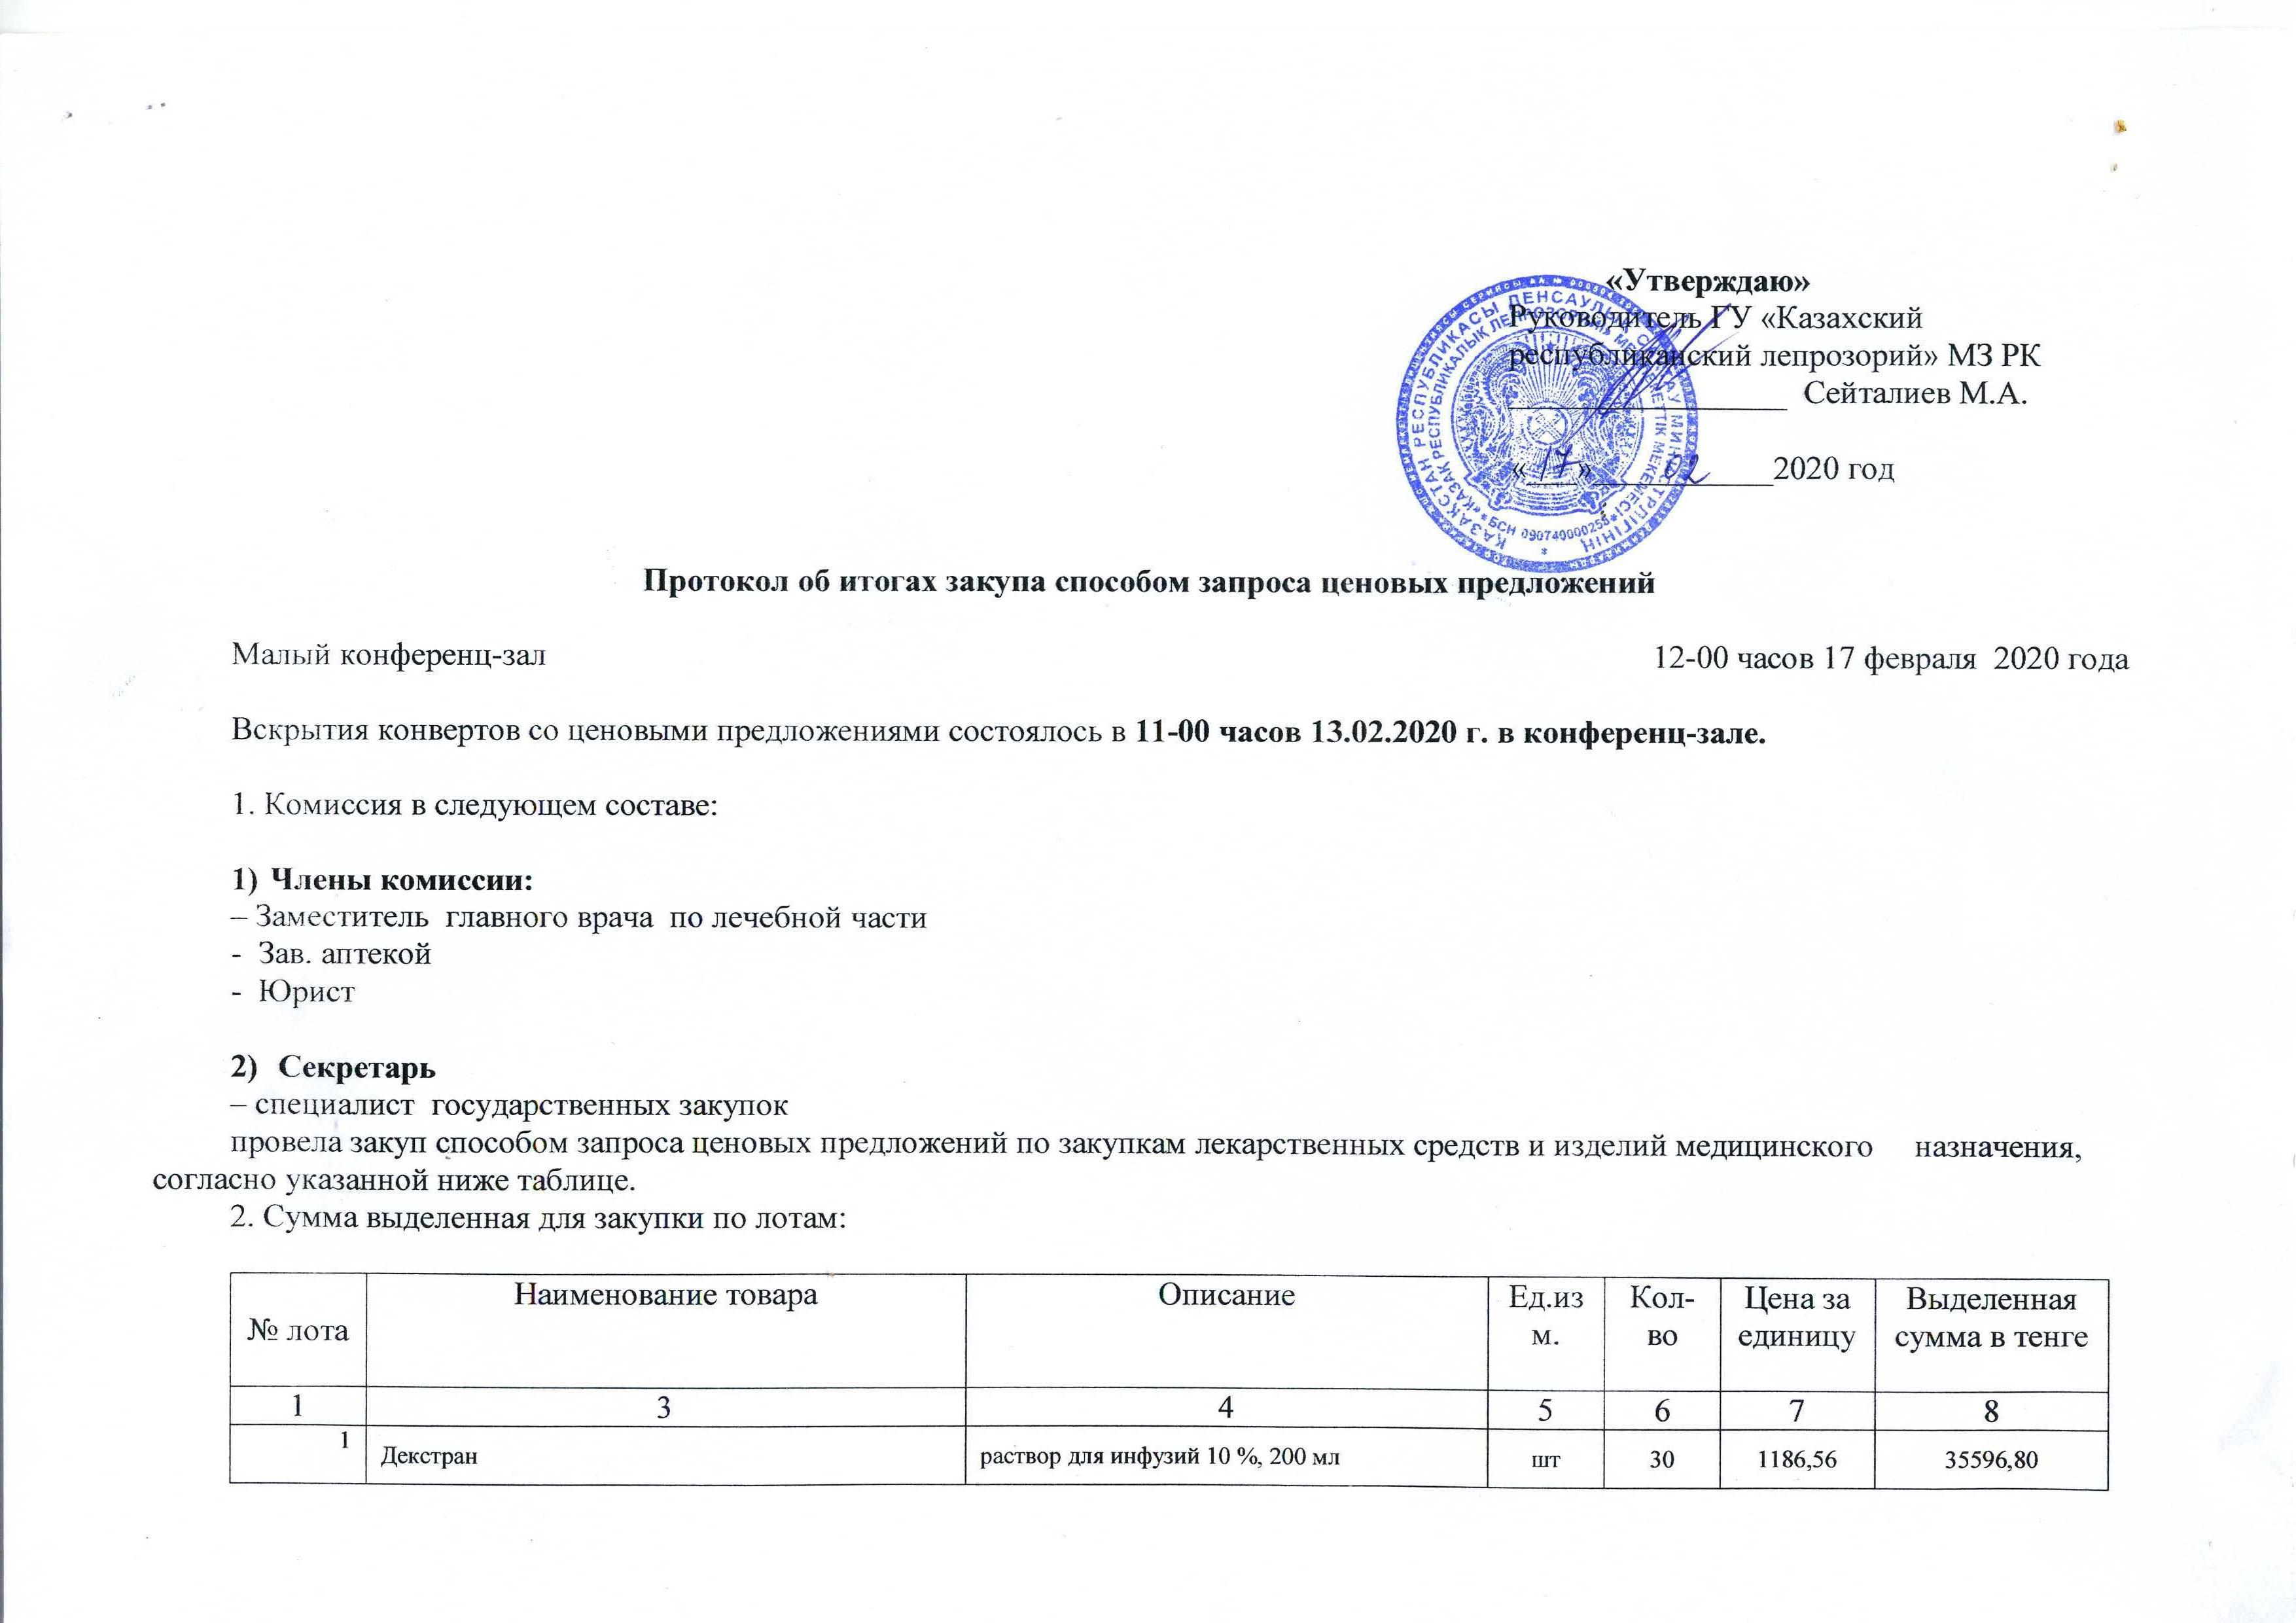 Протокол от 17.02.2020 г об итогах закупа способом ЦП  в соотв с ПП №1729